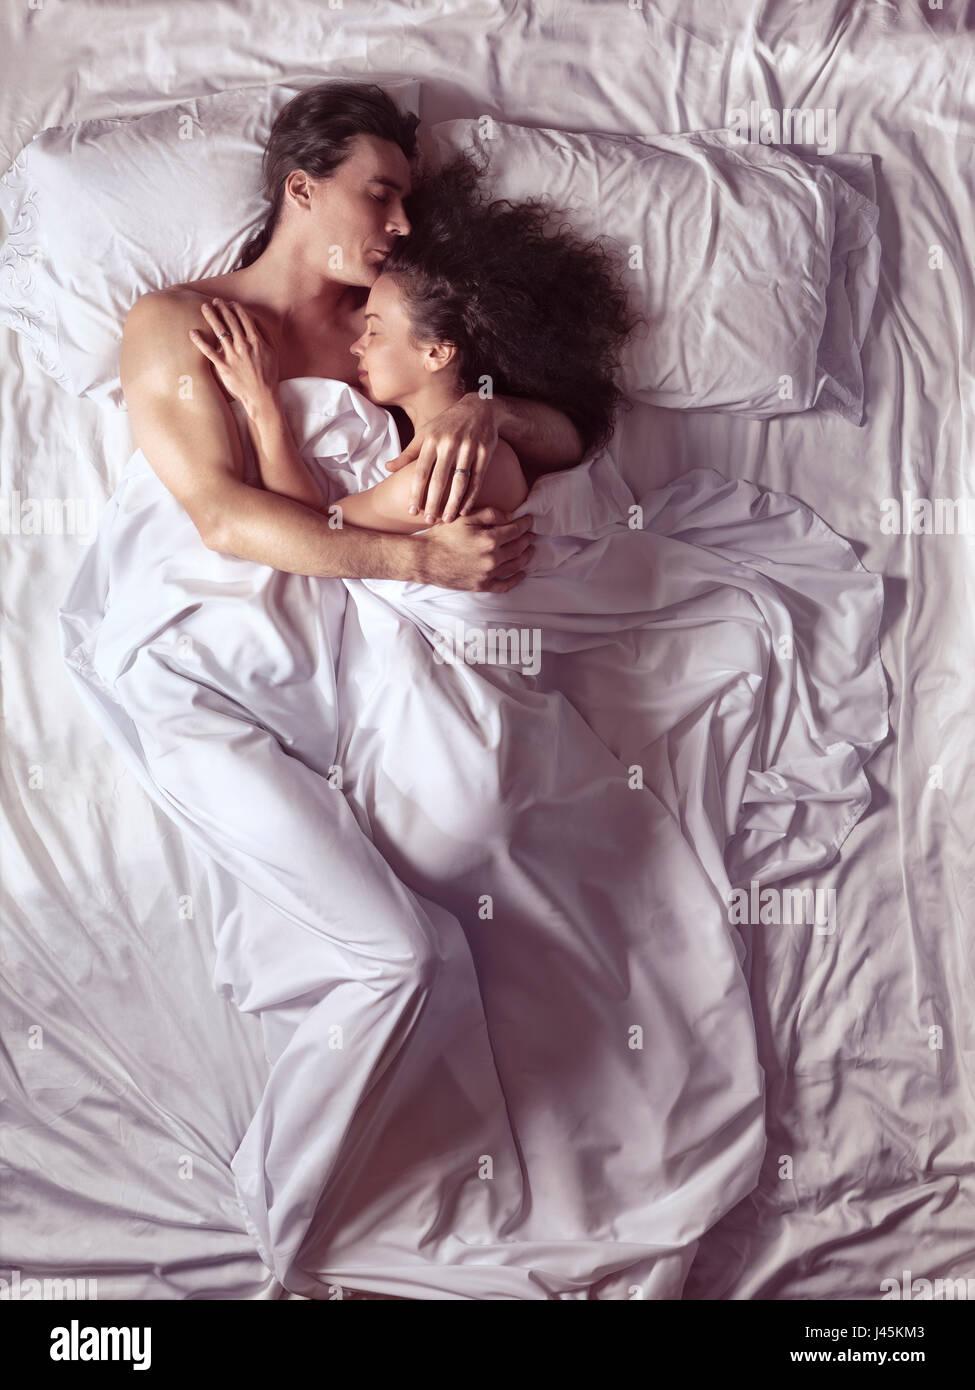 Giovane dormire insieme in un enbrace nel letto in una camera da letto illuminata dalla brillante luce del sole Immagini Stock